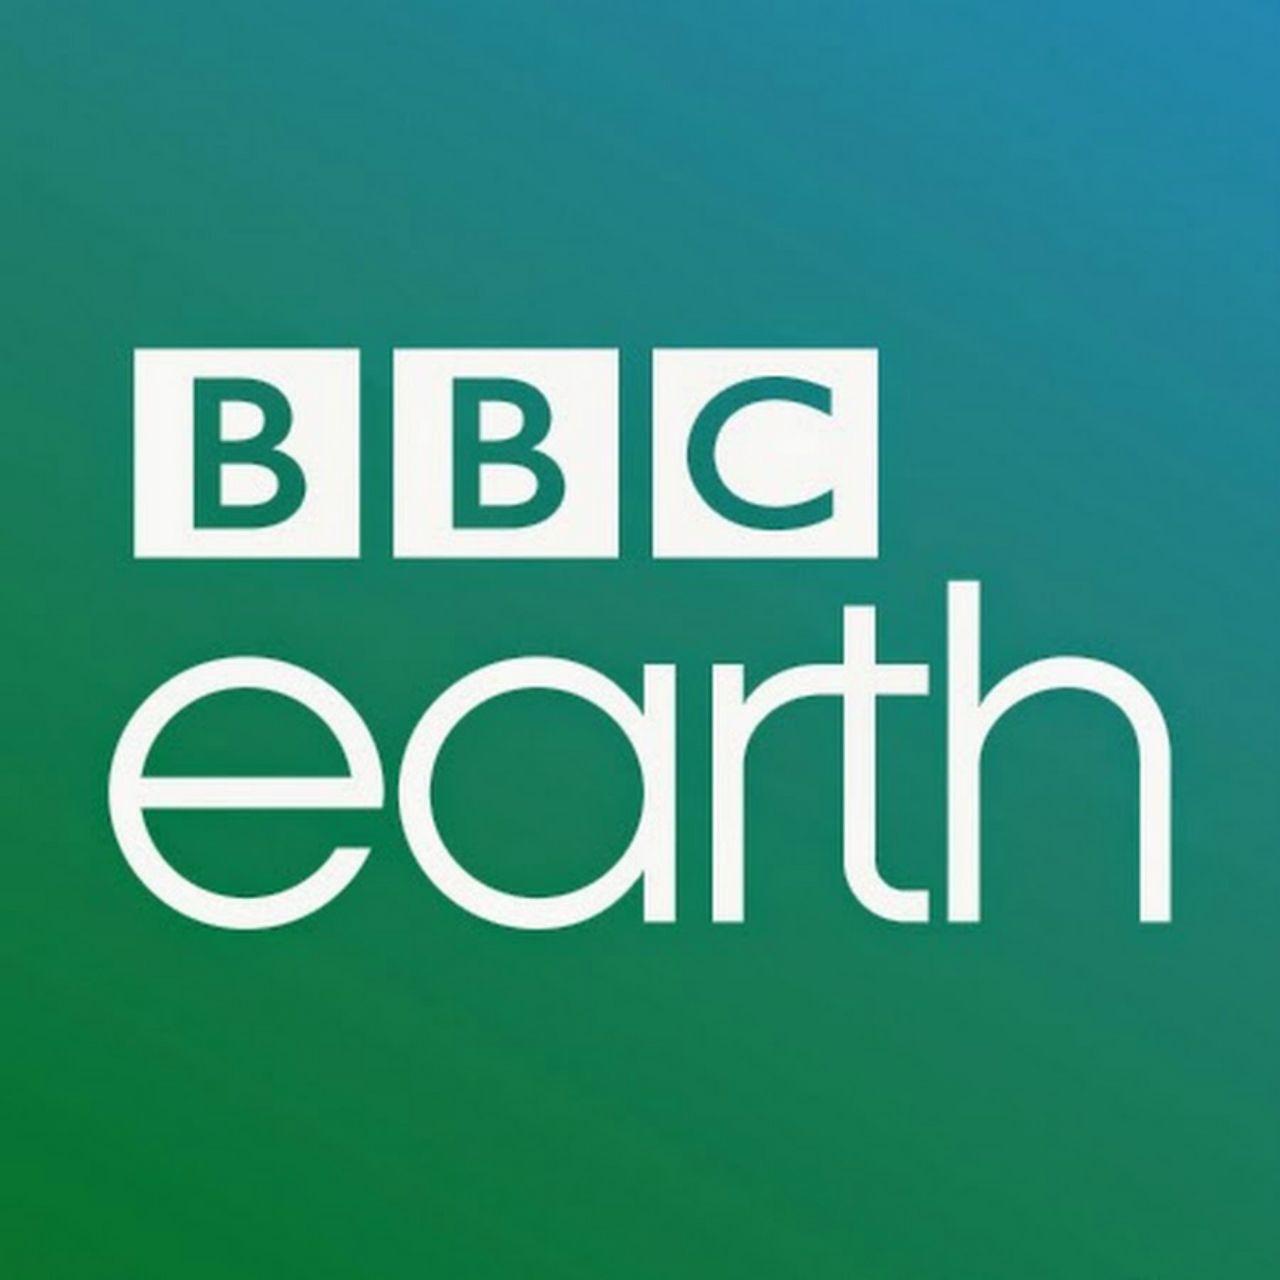 BBC Earth'ten yeni yılın ilk ayında 4 yeni yapım - Sayfa:1